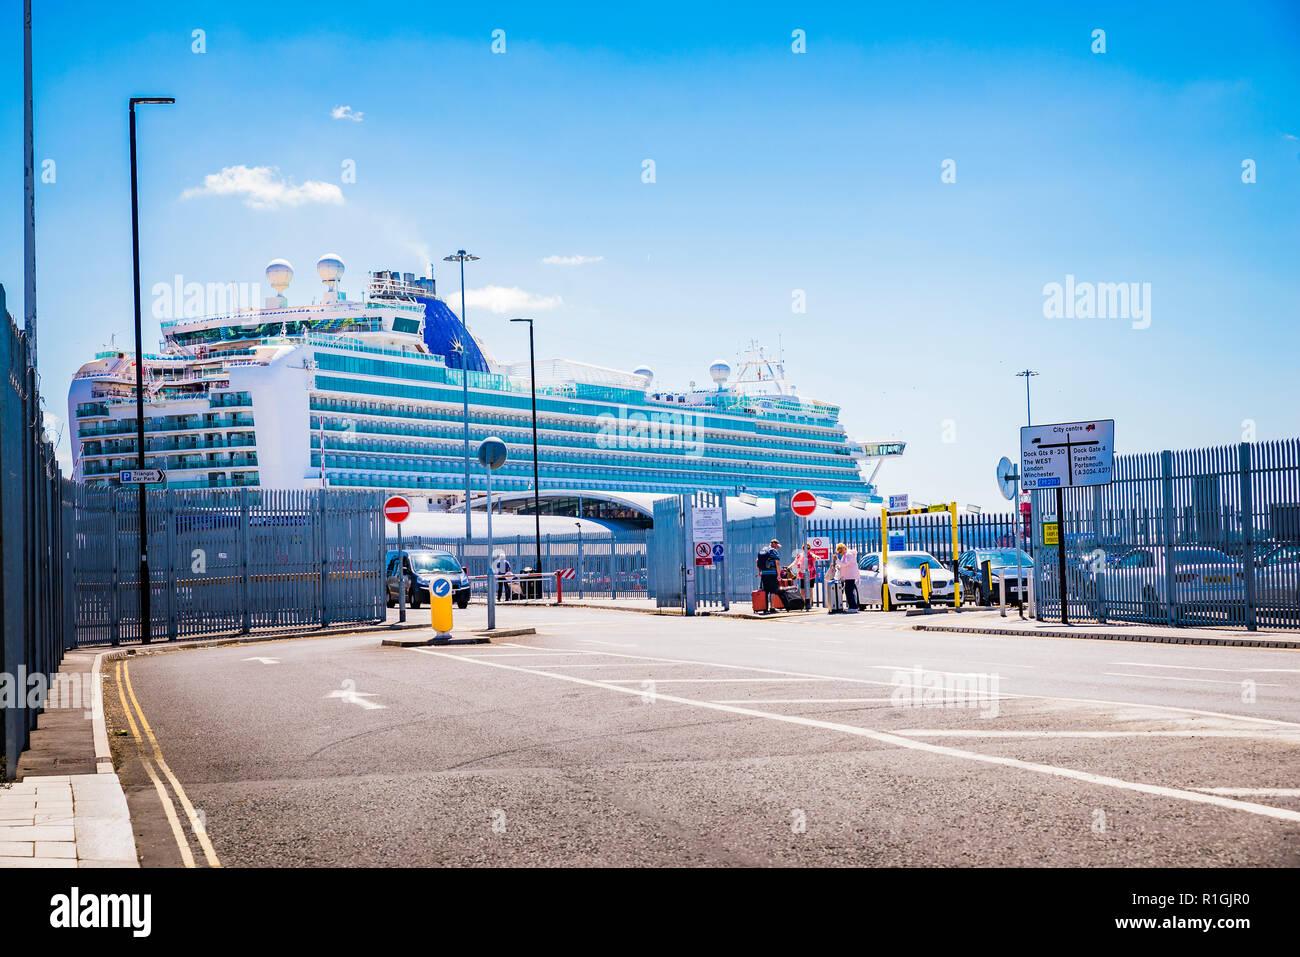 Entrance to the cruise terminal. Port of Southampton, Southampton, Hampshire, England, United Kingdom, UK, Europe - Stock Image